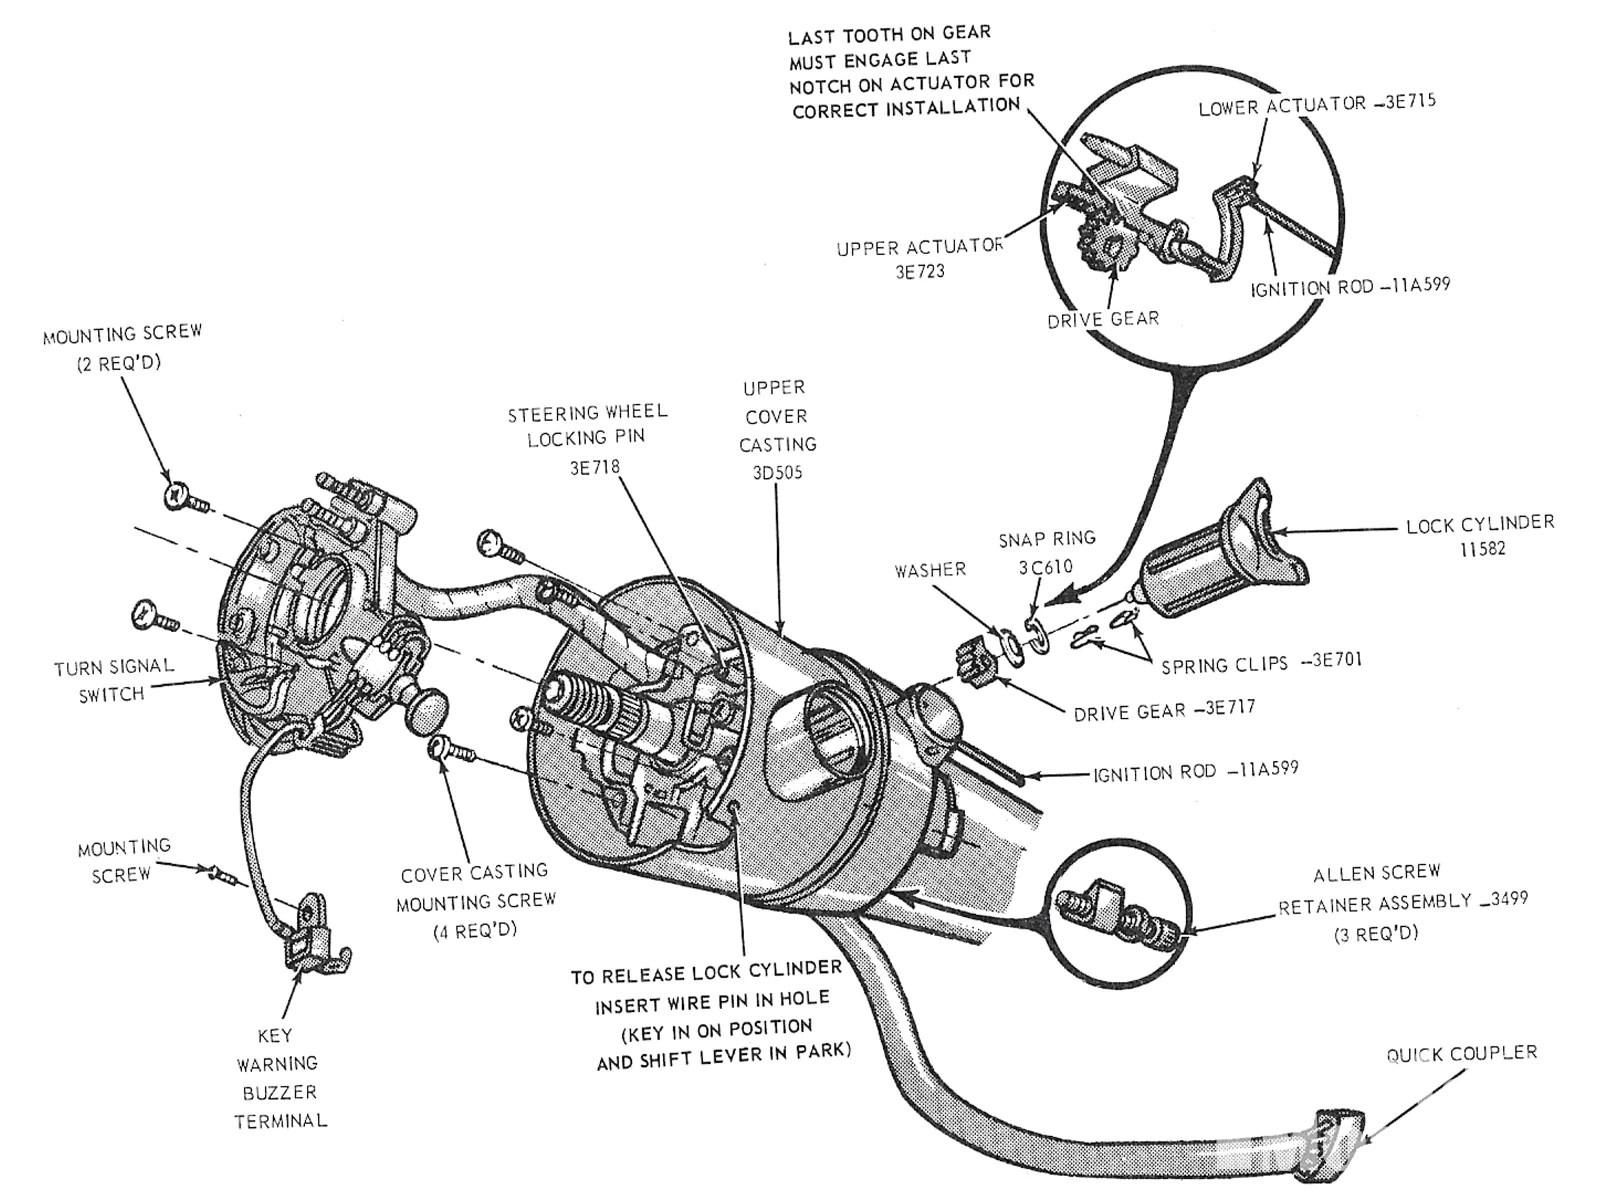 small resolution of mump 1012 04 ford mustang locking steering columns locking tilt column diagram